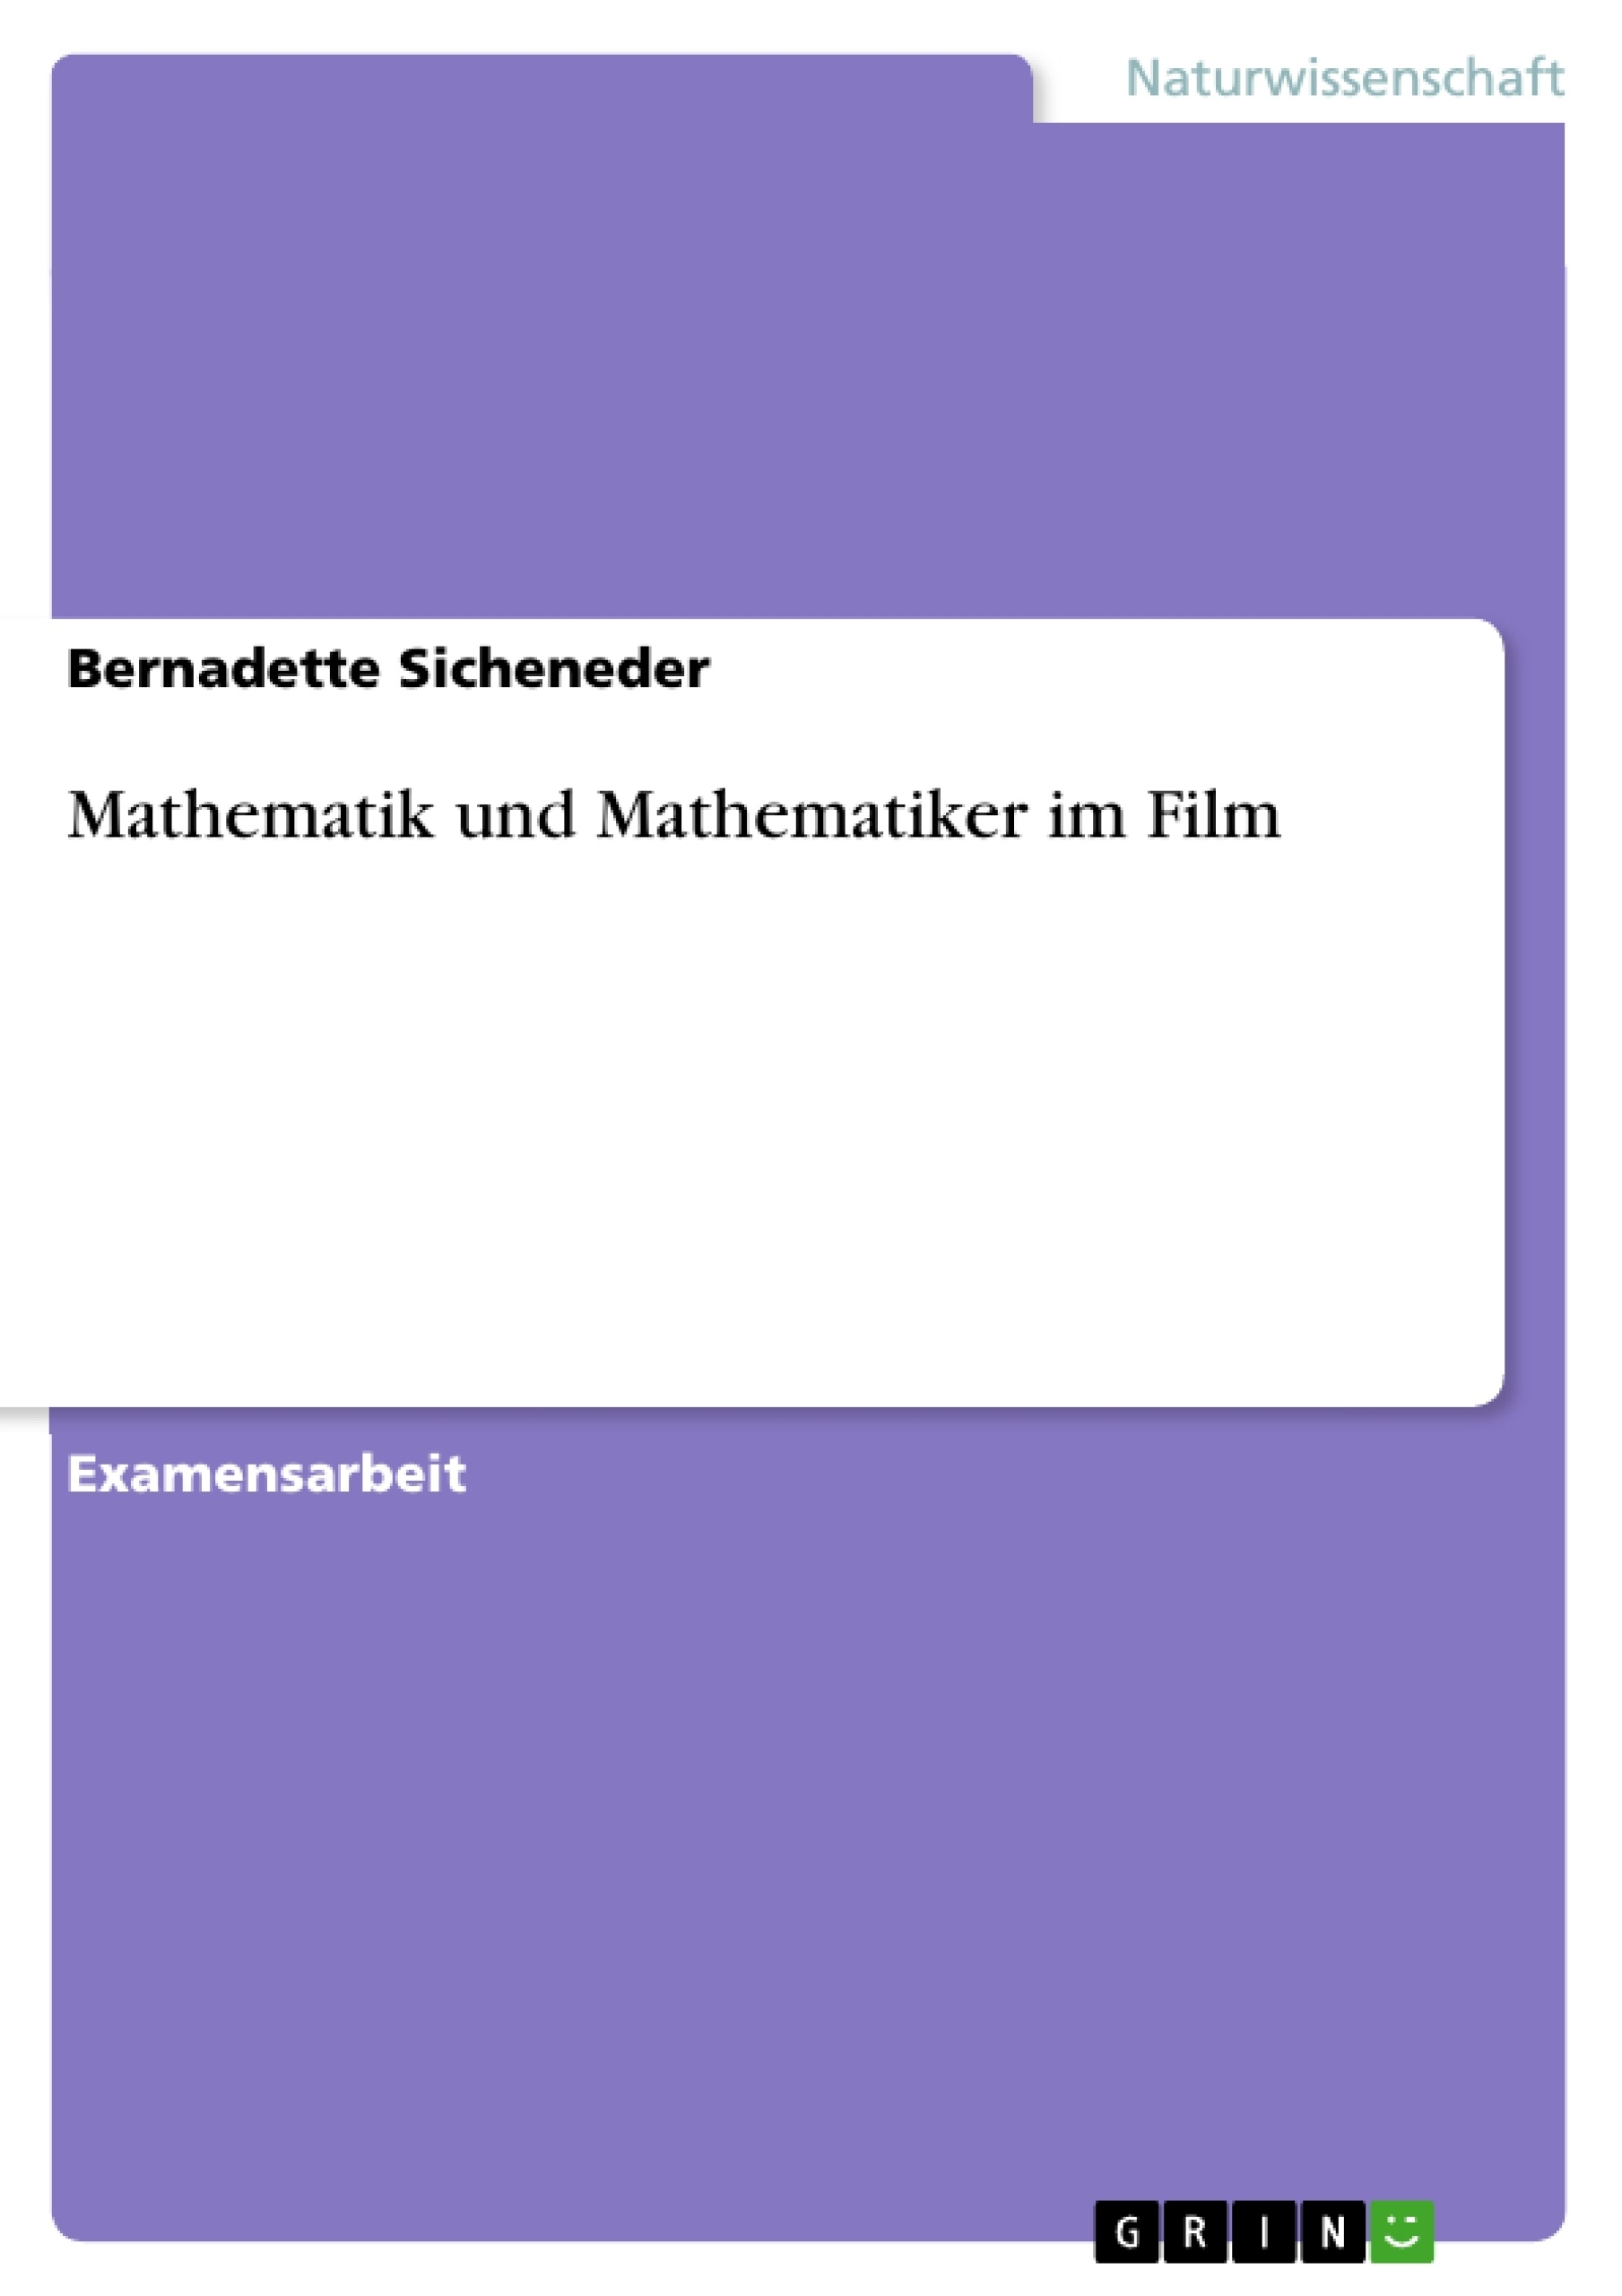 Titel: Mathematik und Mathematiker im Film